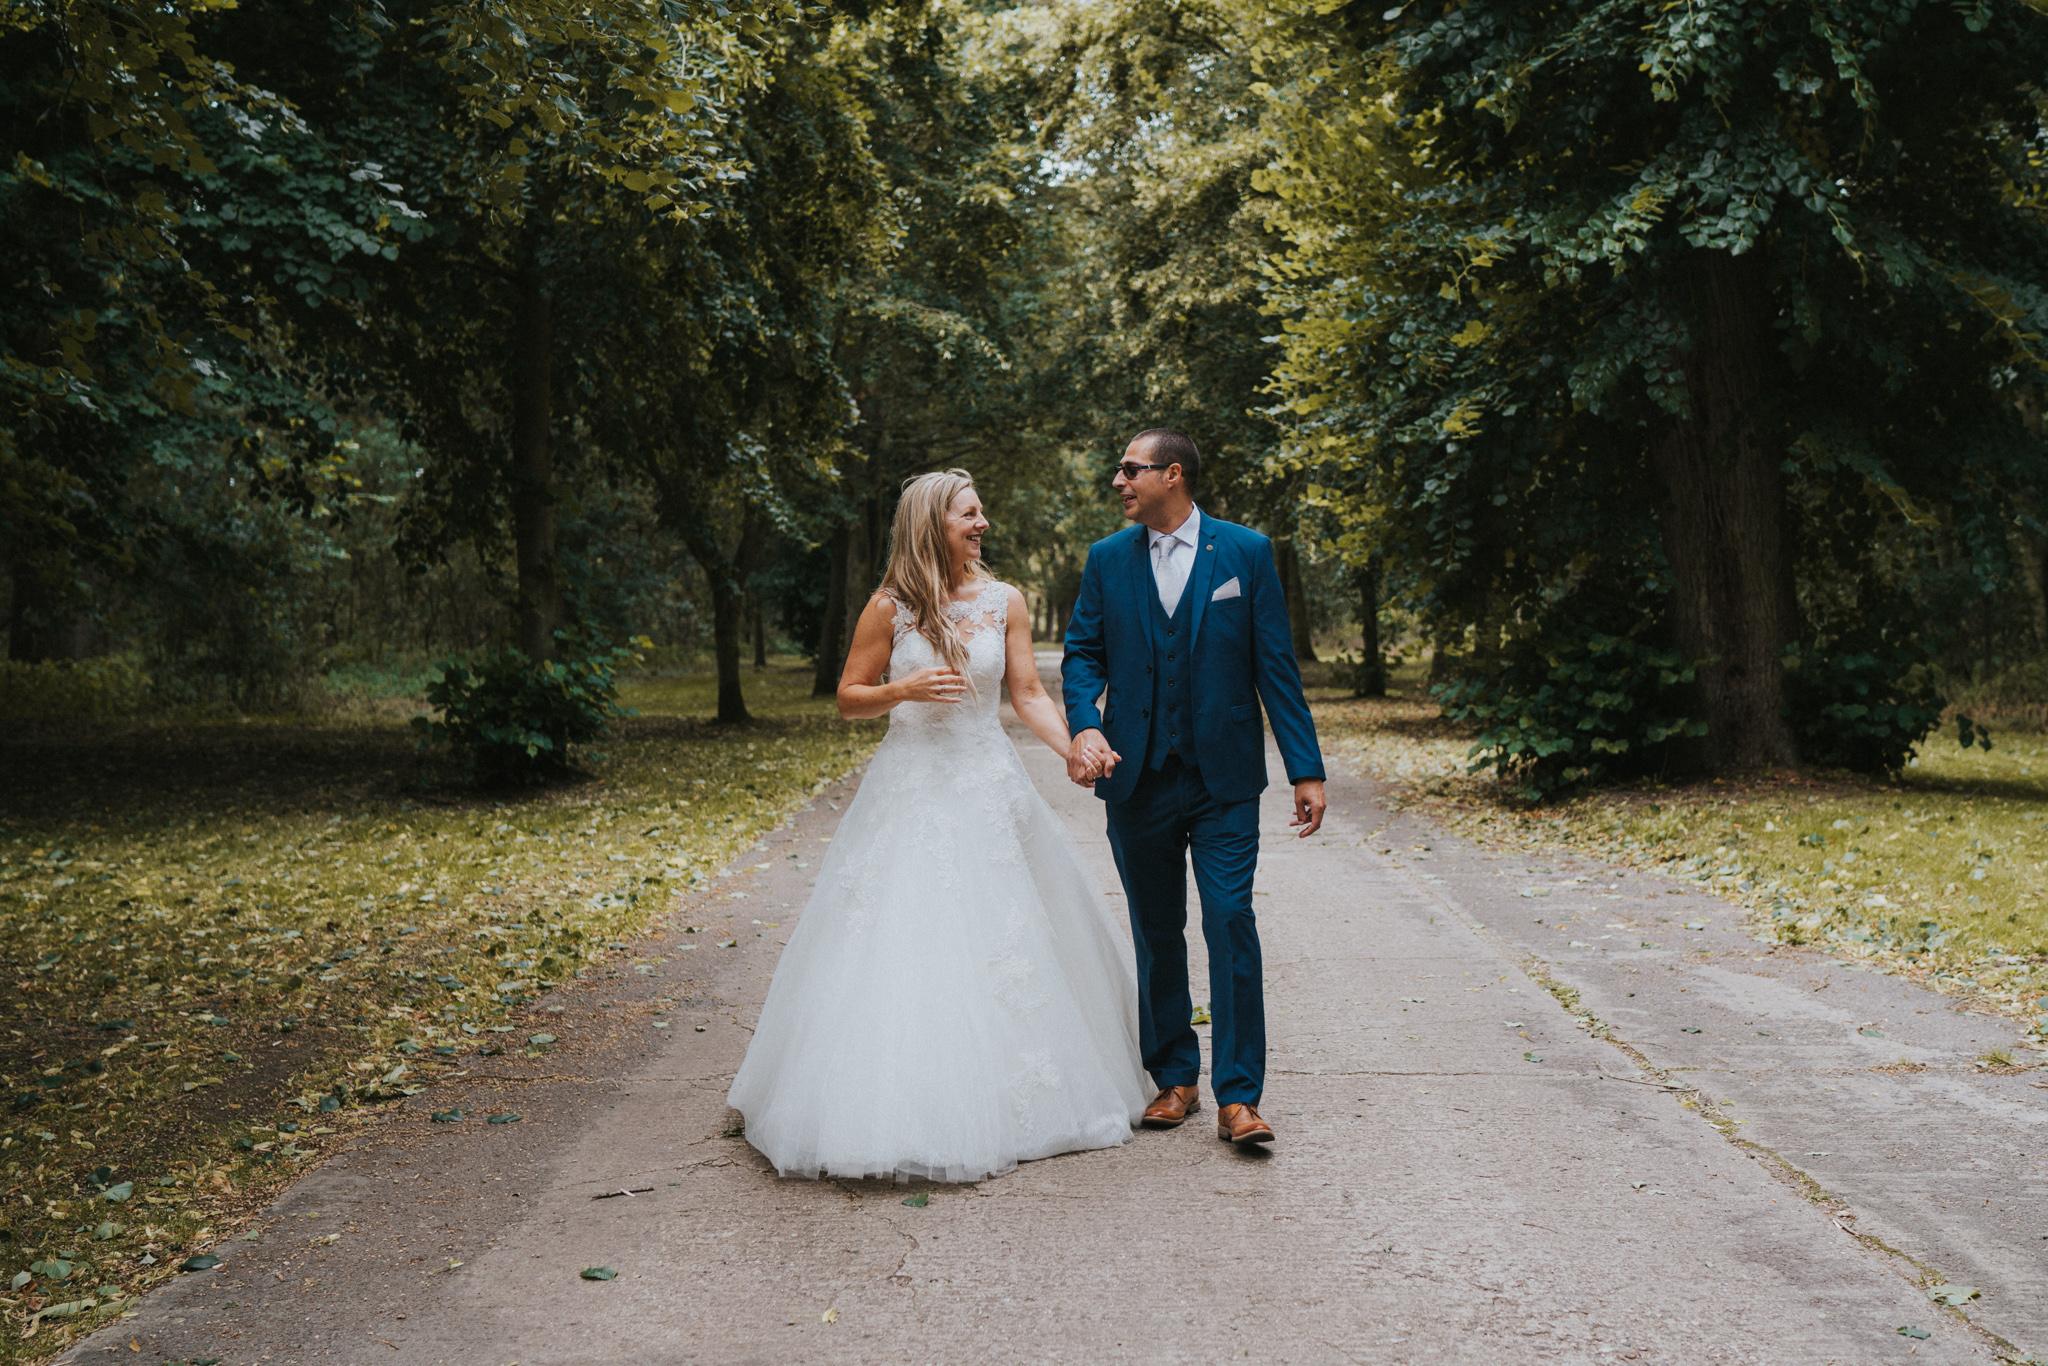 karen-tony-blackthorpe-barn-diy-wedding-grace-elizabeth-colchester-essex-alternative-wedding-lifestyle-photographer-essex-suffolk-norfolk-devon (22 of 35).jpg